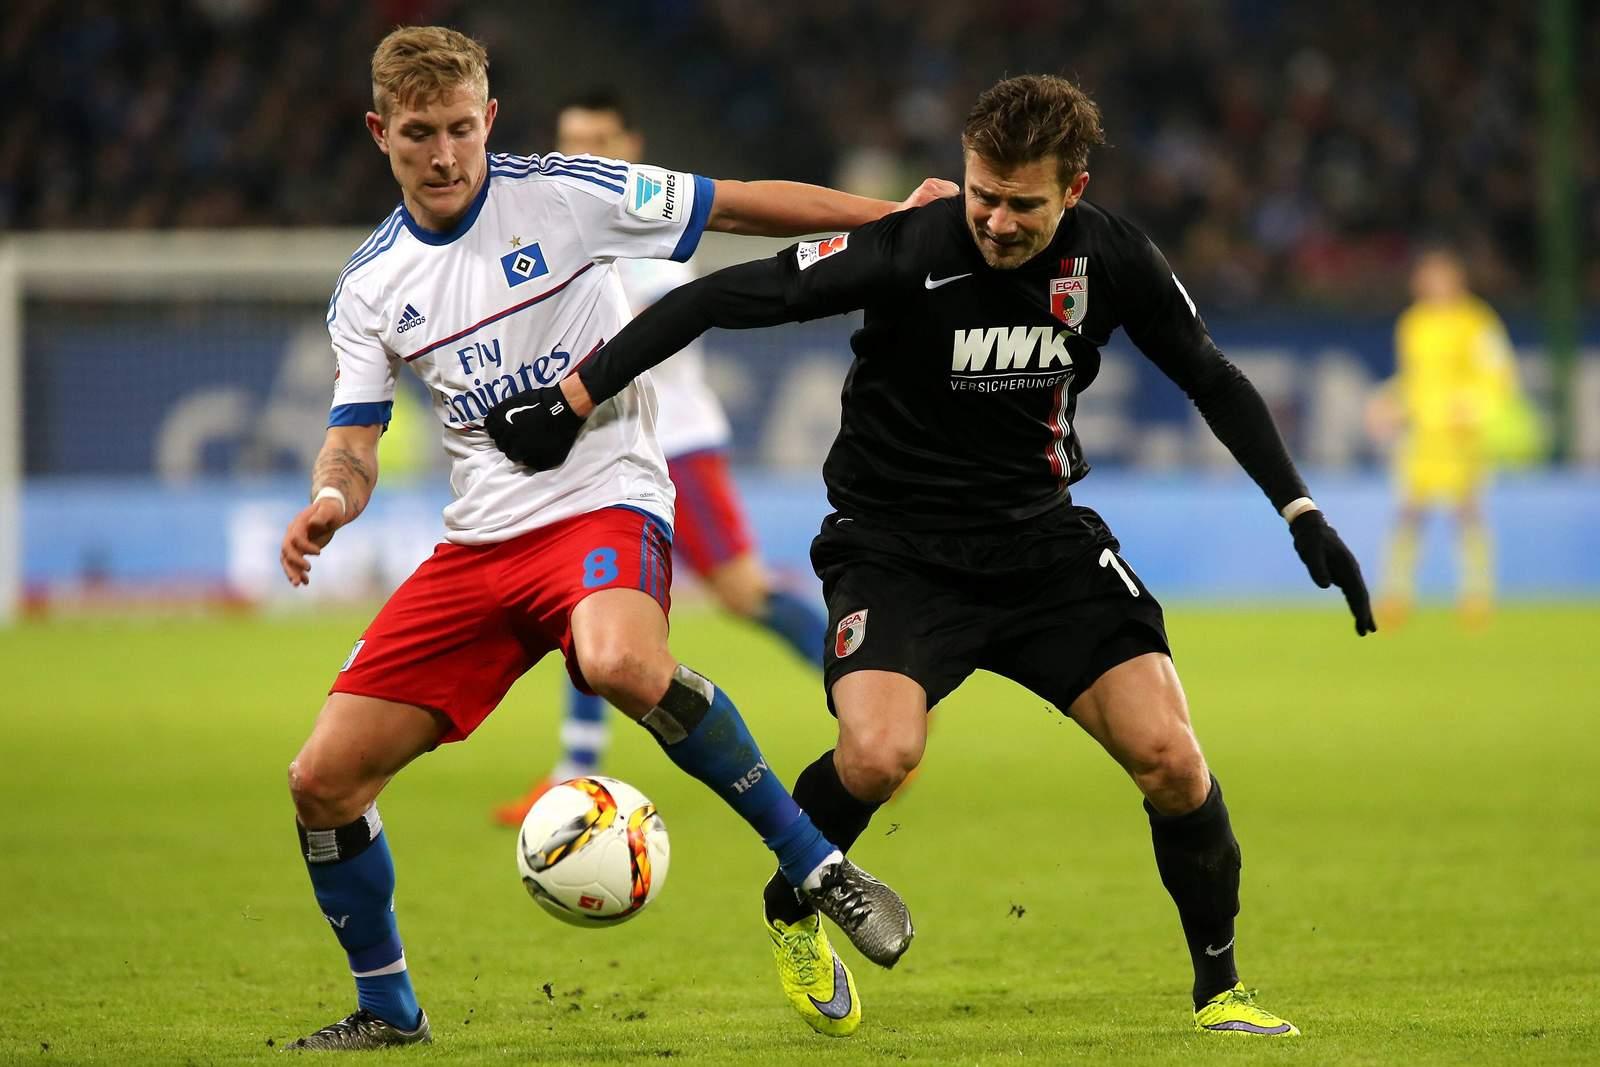 Lewis Holtby im Zweikampf mit Daniel Baier. Jetzt auf HSV gegen Augsburg wetten!